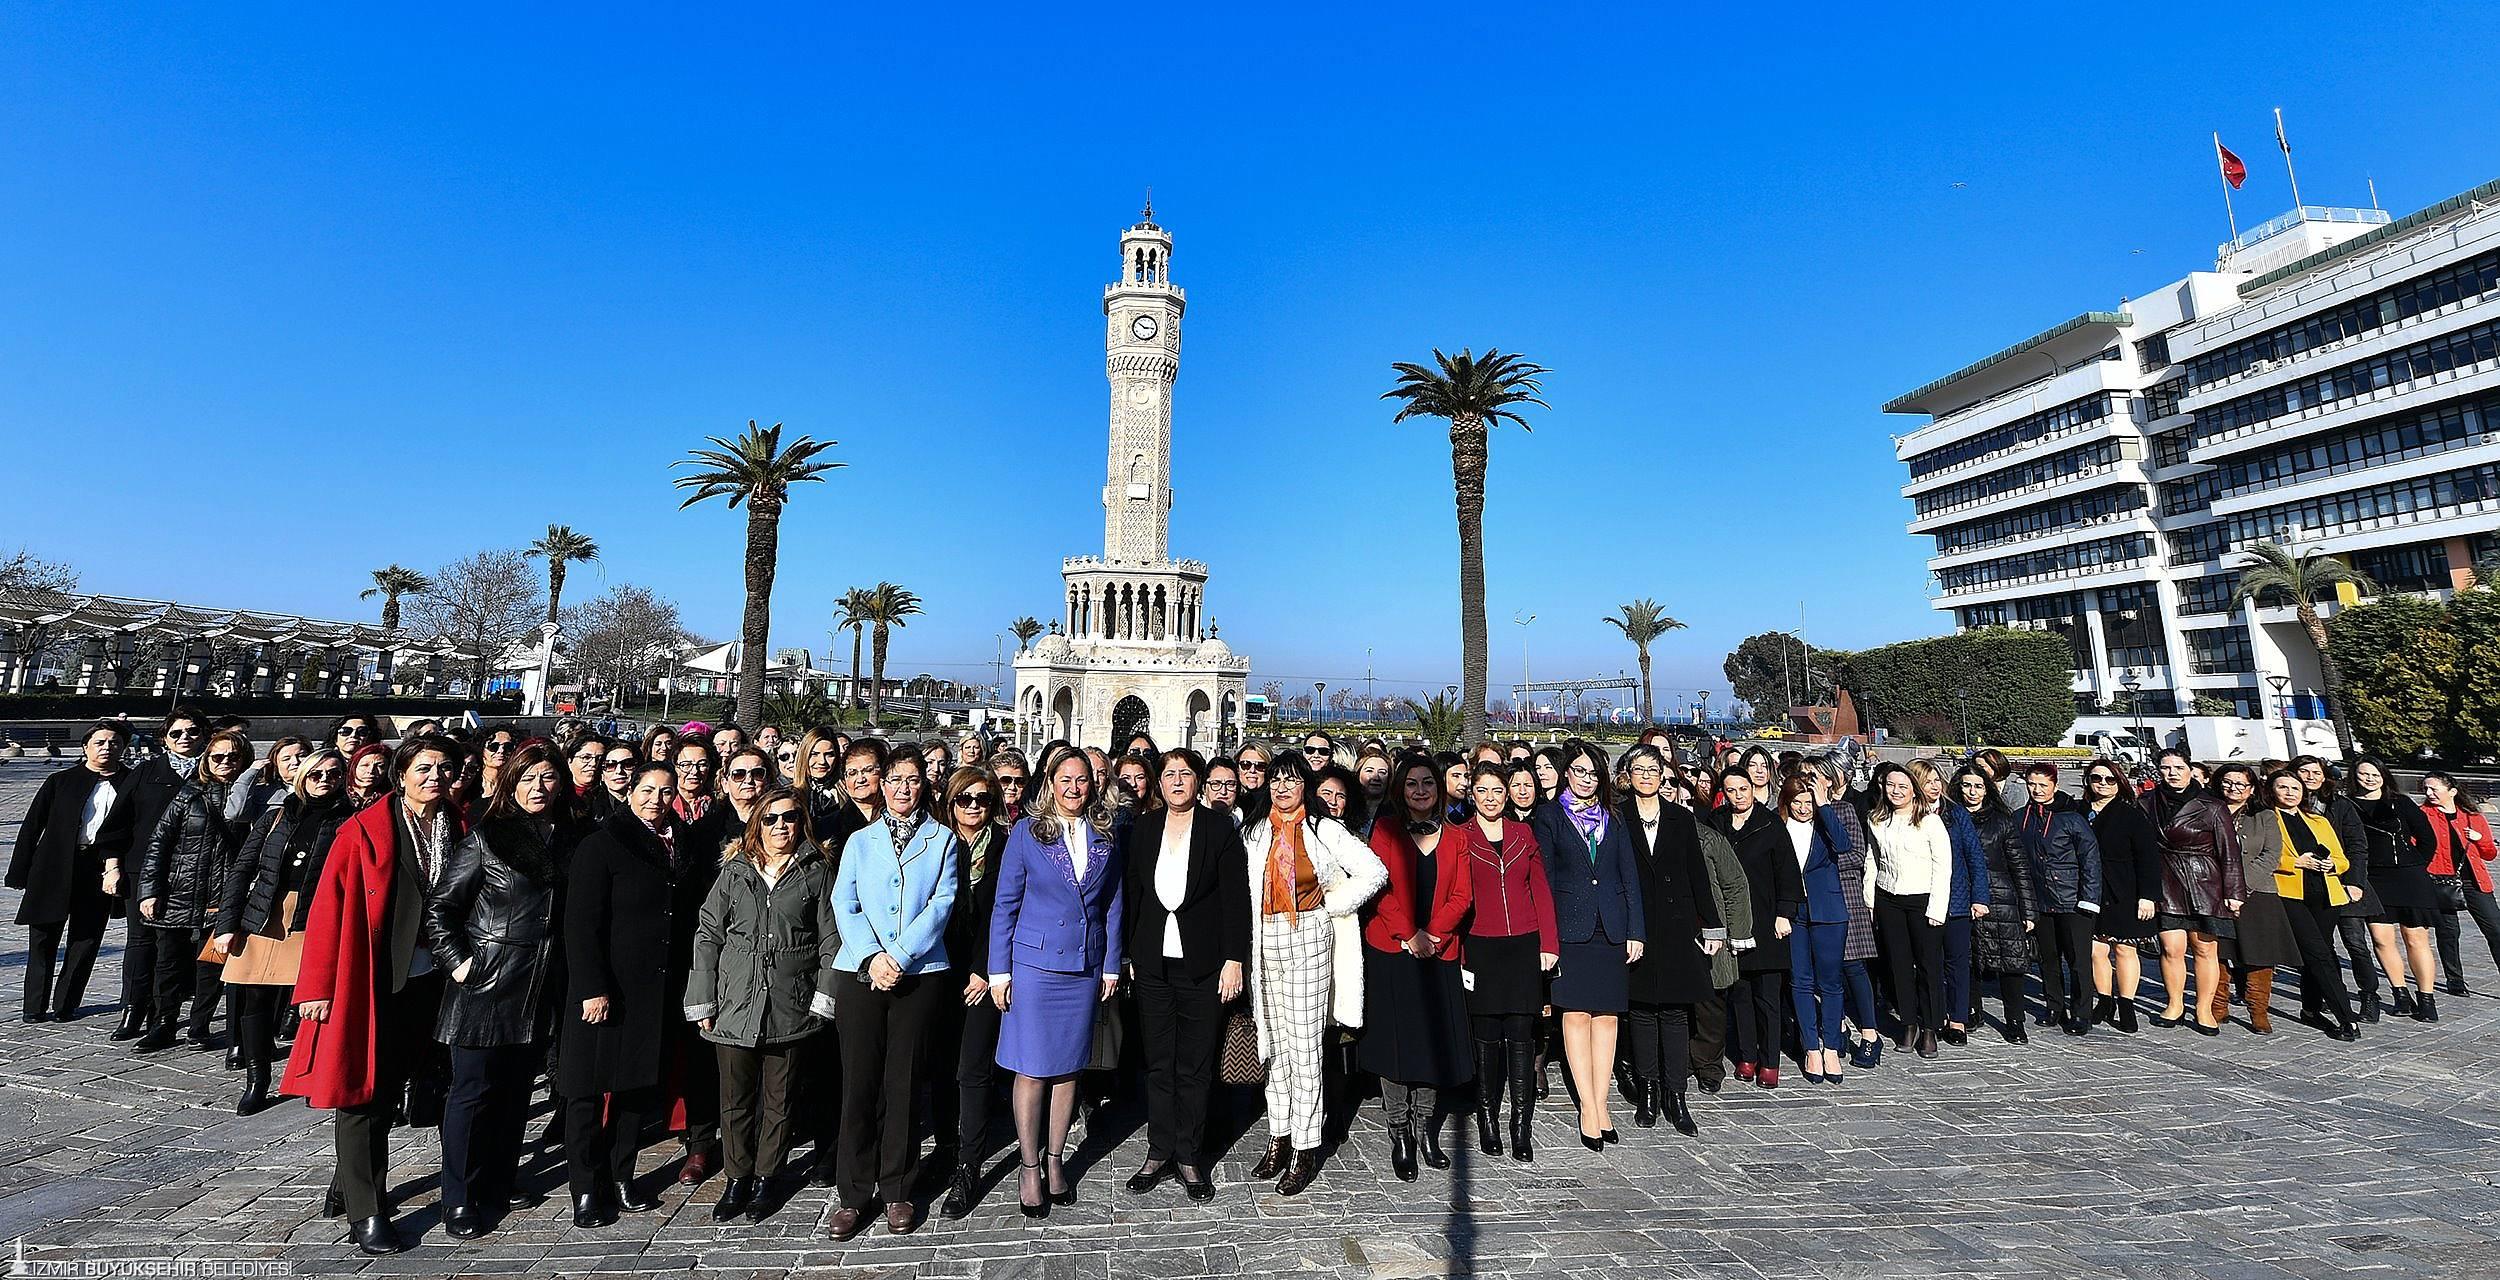 İzmir Büyükşehir Belediyesi'nde yöneticilerin yarısı kadın